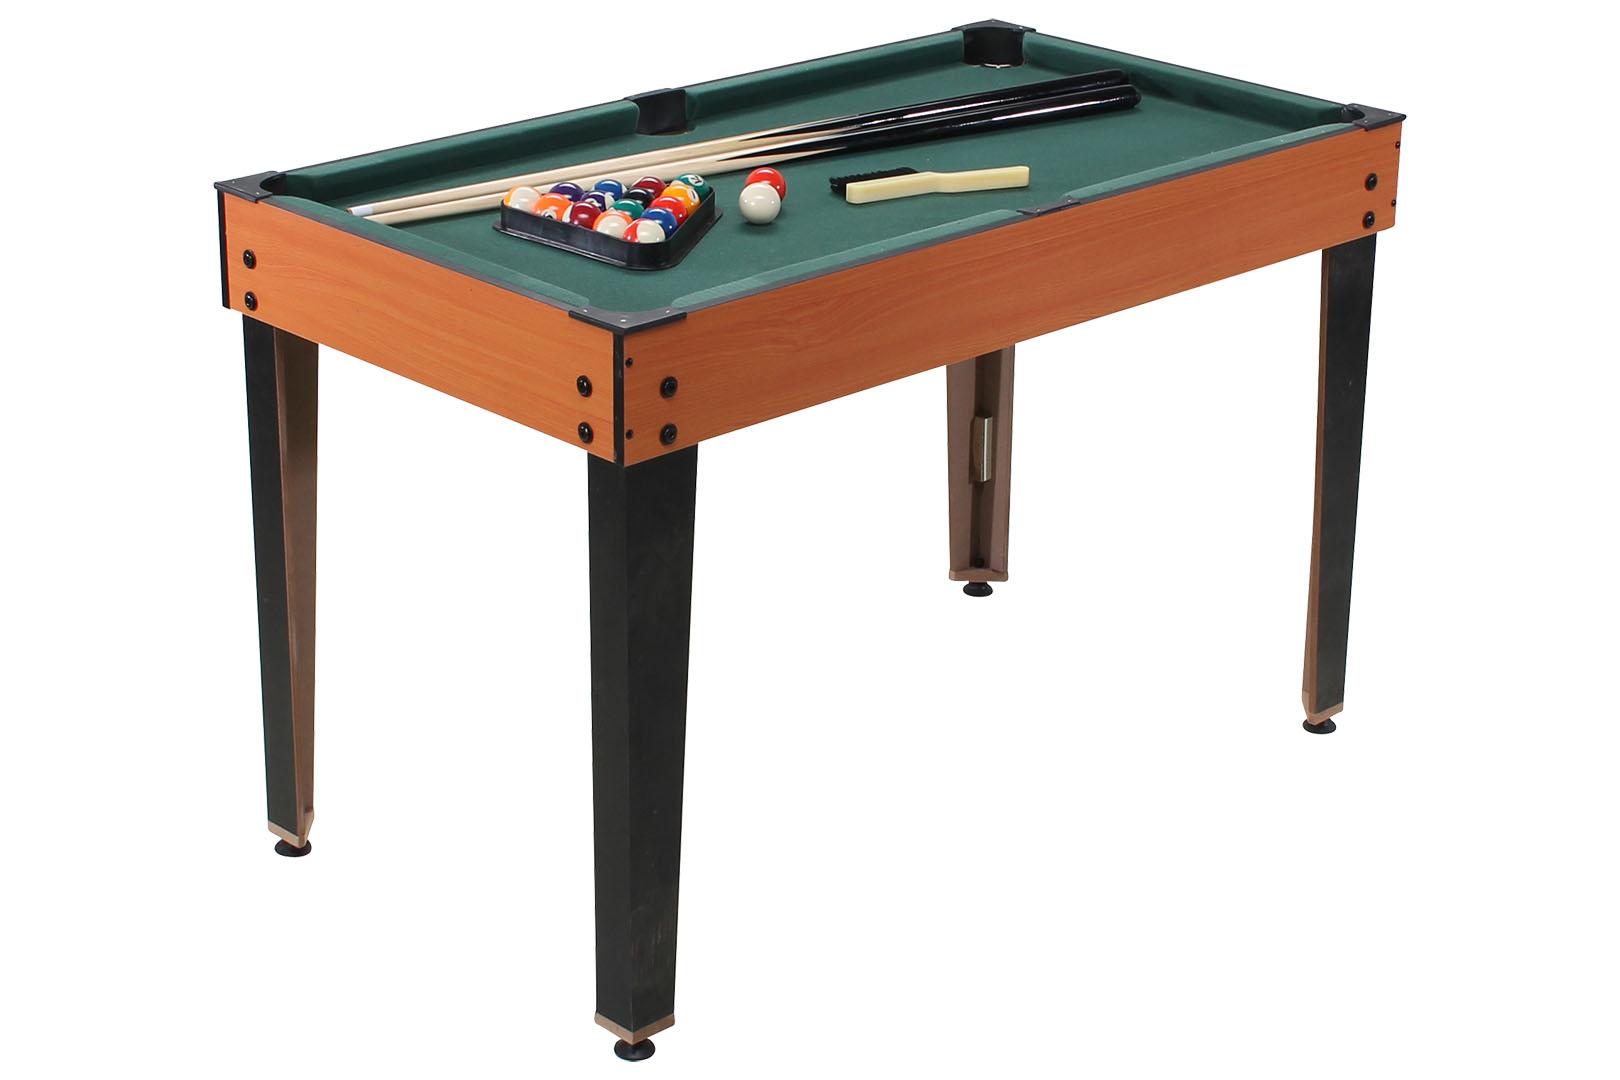 Miweba biliardino 15 1 tavolo da gioco multigame kicker biliardo multifunzione ebay - Gioco da tavolo non t arrabbiare ...